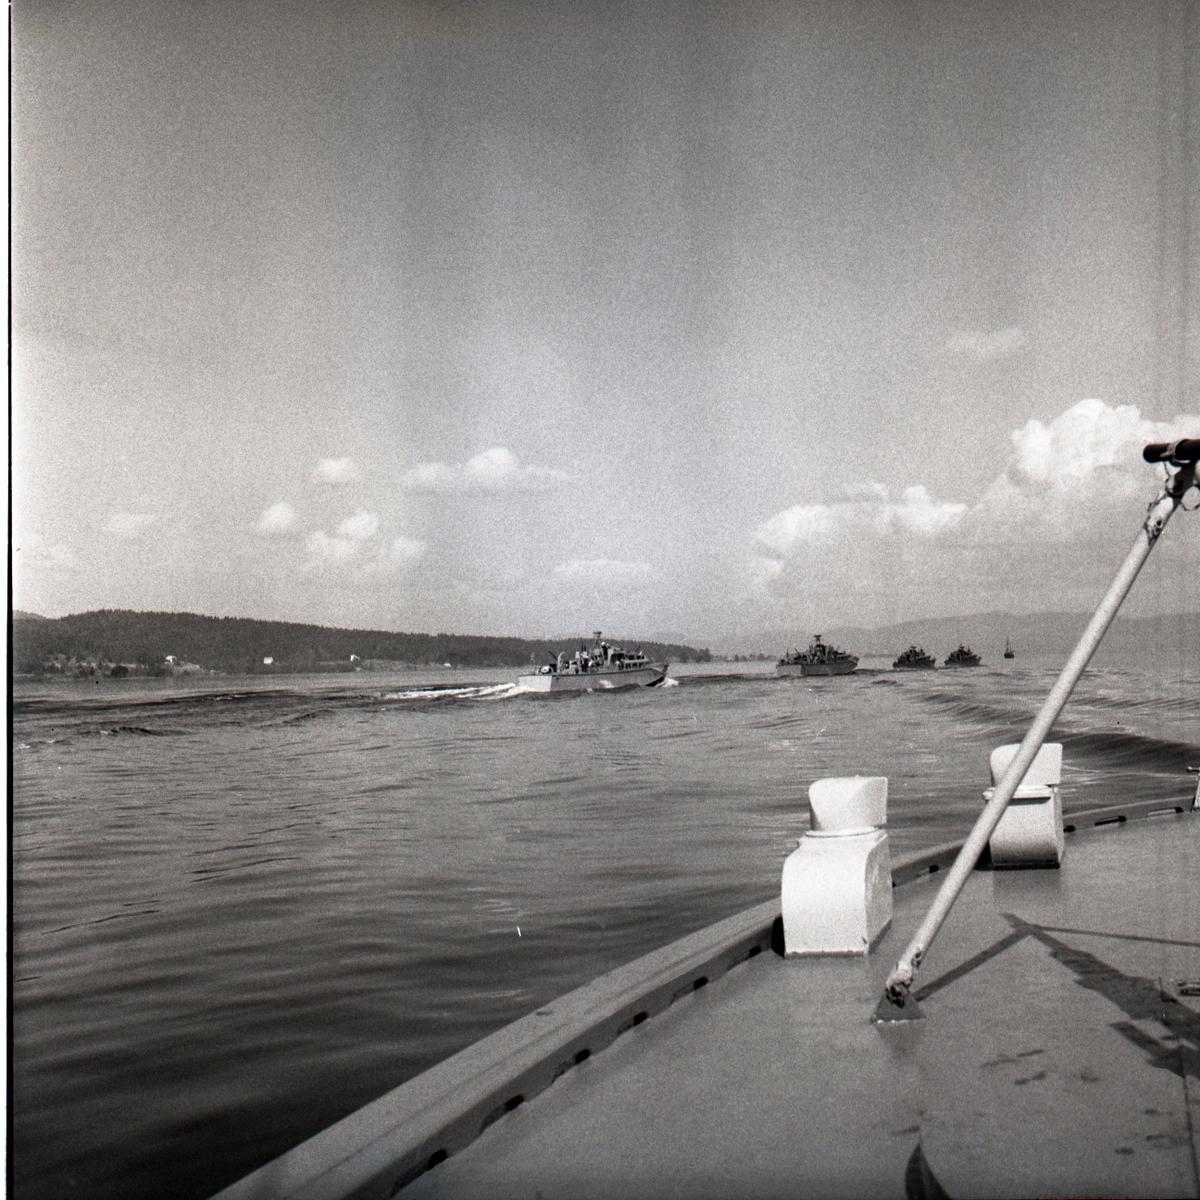 Samlefoto: Elco-klasse MTB-er gjennom Bandak-kanalen i juli 1953. MTB-er